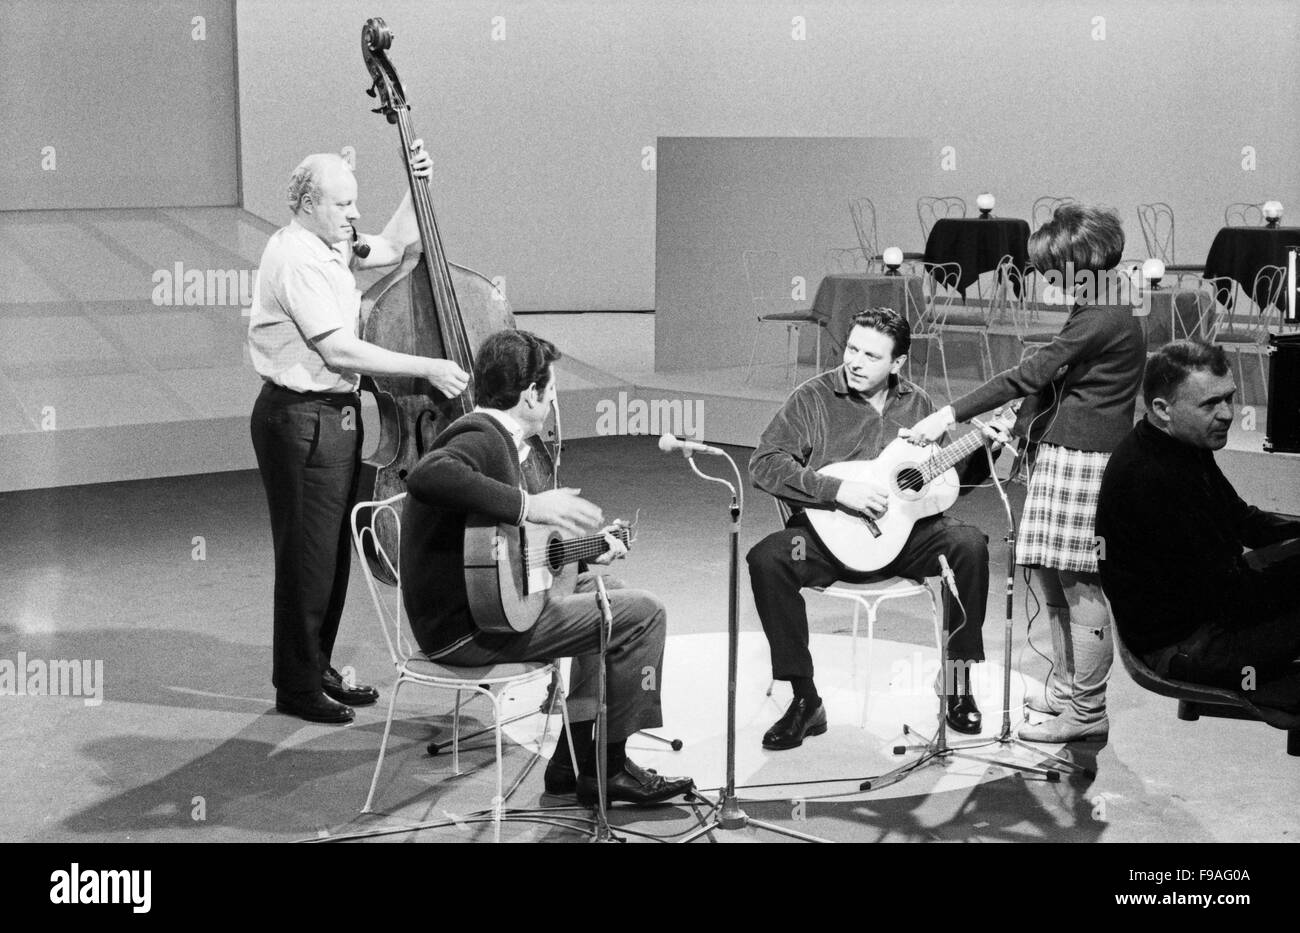 Der österreichisch amerikanische Folksänger und Schauspieler Theodore Bikel bei einem Auftritt, Deutschland - Stock Image